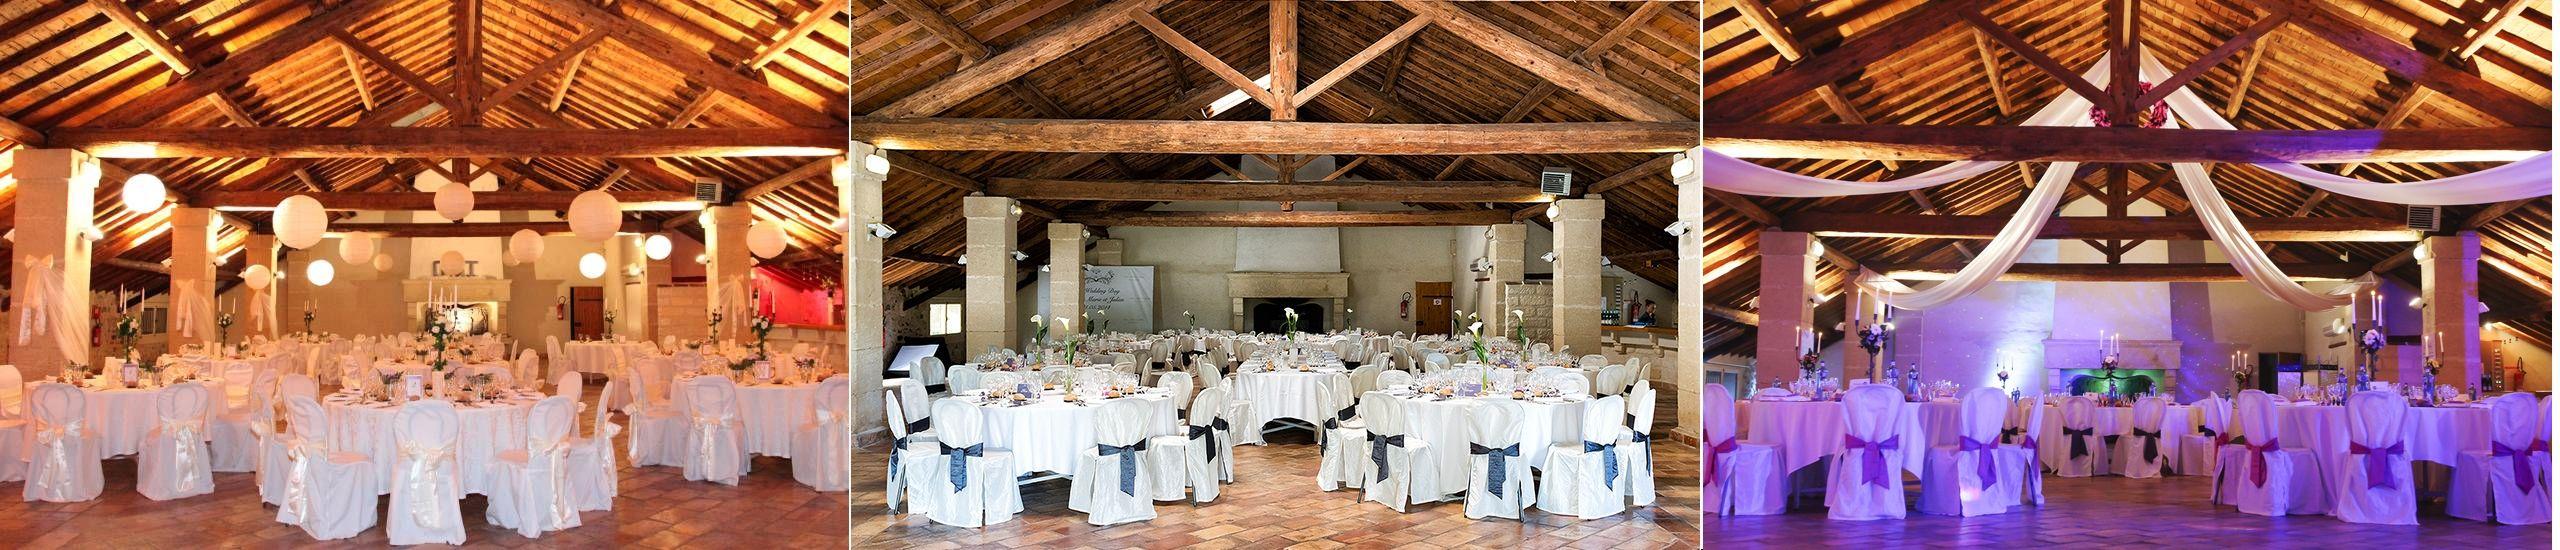 La Mourade Mariages Receptions Location De Salles